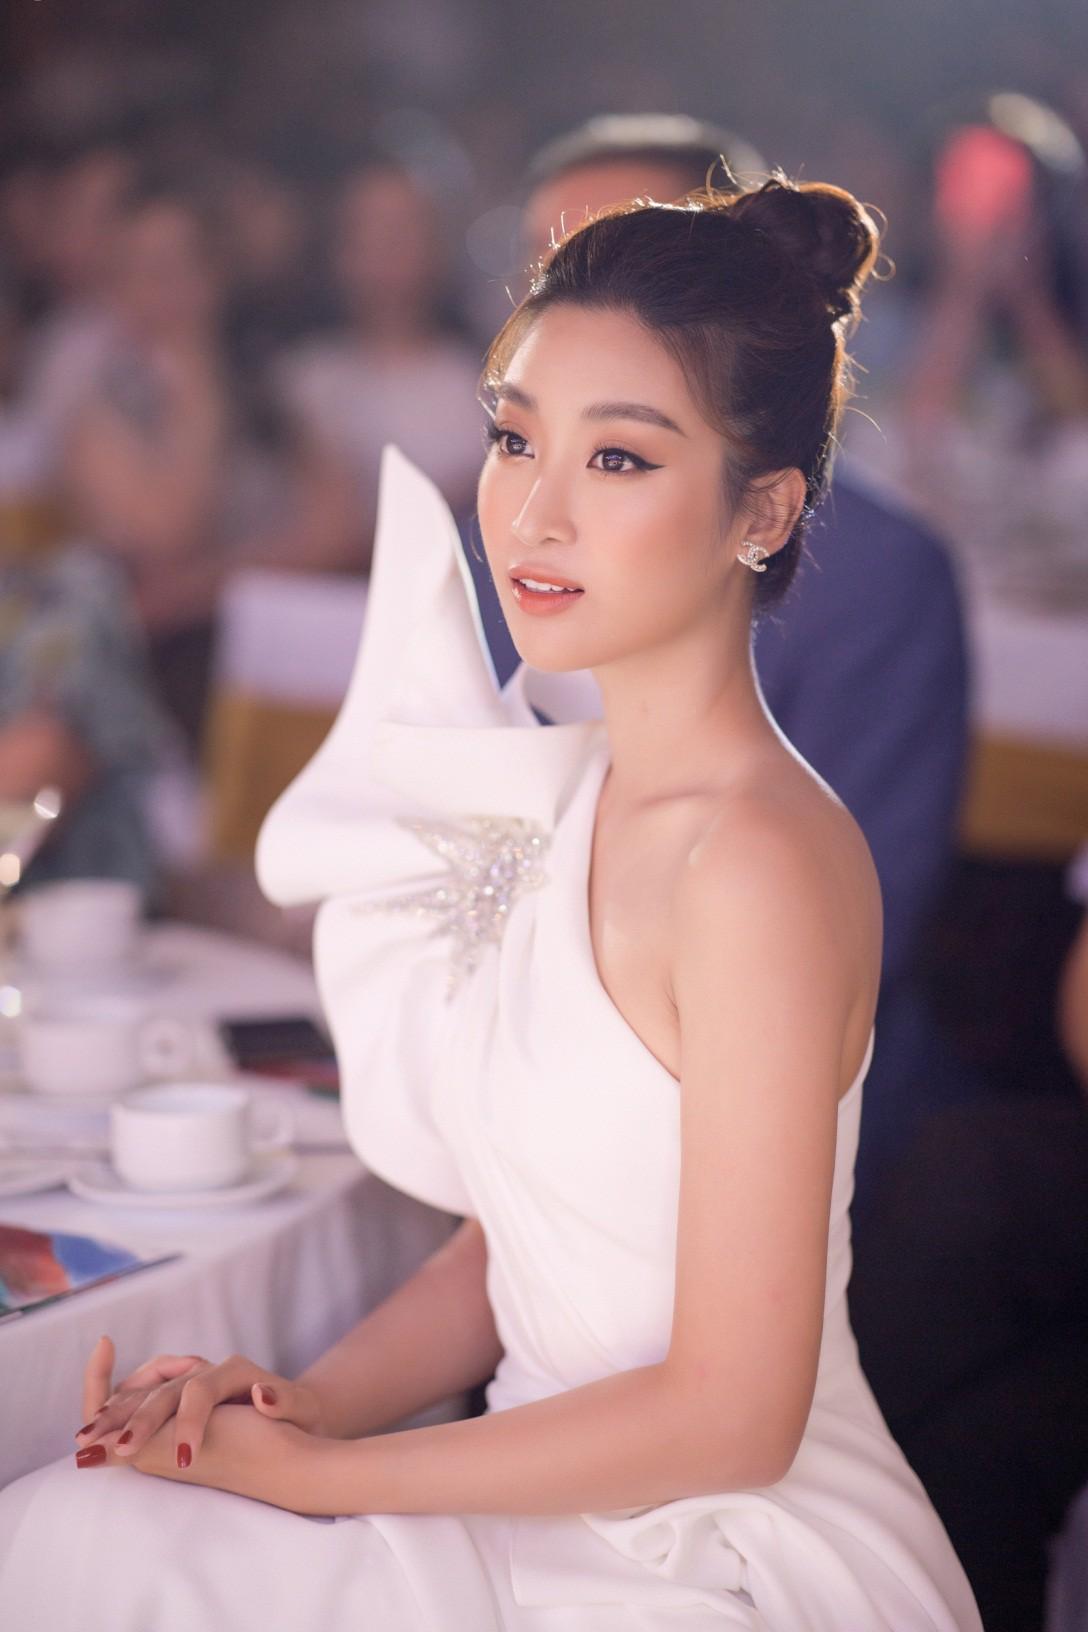 Tham gia Cuộc Đua Kỳ Thú, Hoa hậu Đỗ Mỹ Linh đã làm gì để giữ được làn da sáng khoẻ? - Ảnh 6.